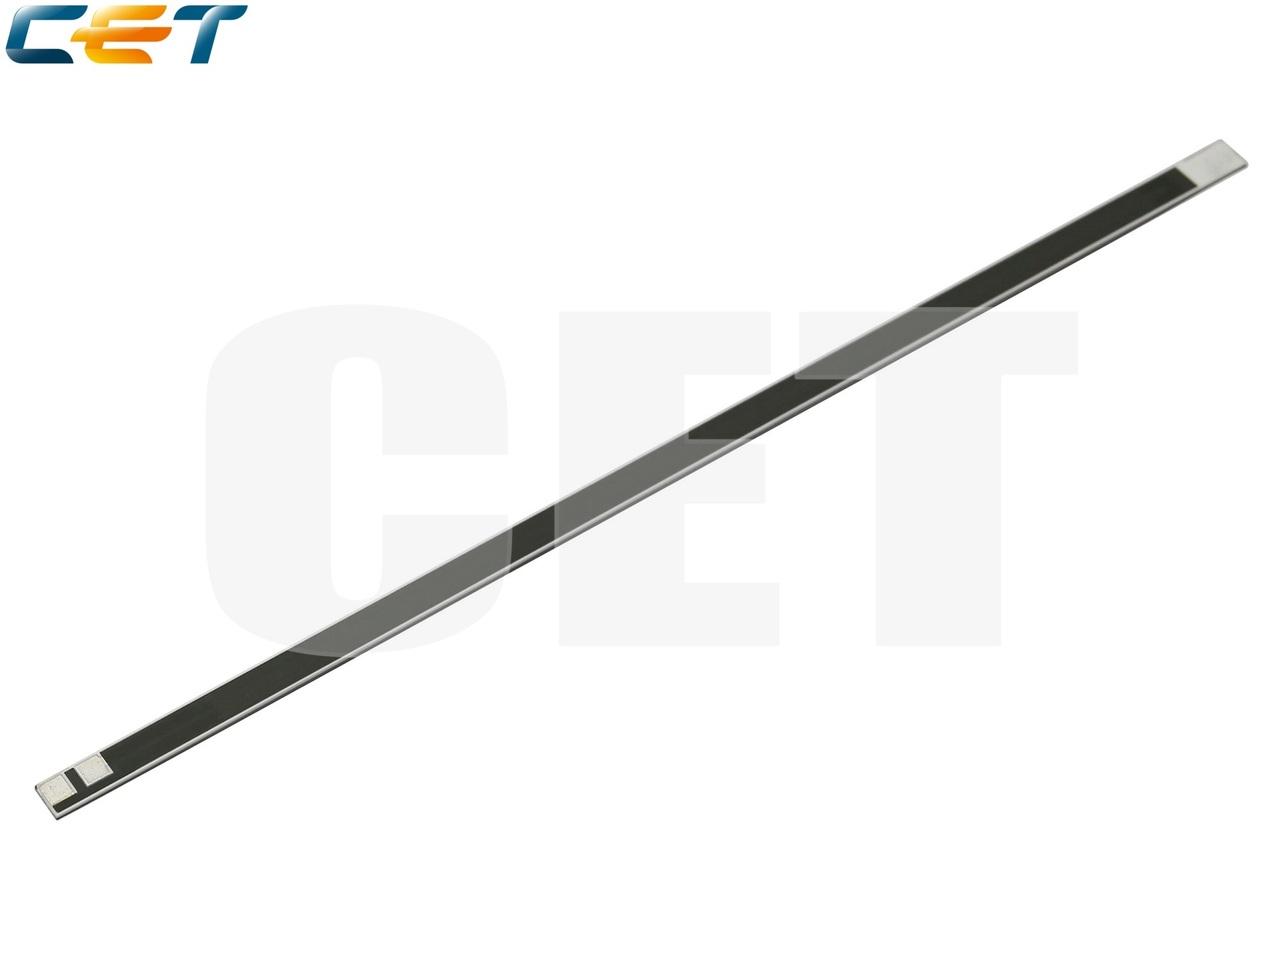 Нагревательный элемент для HP LaserJet ProM501/M506/M527 (CET), CET3111